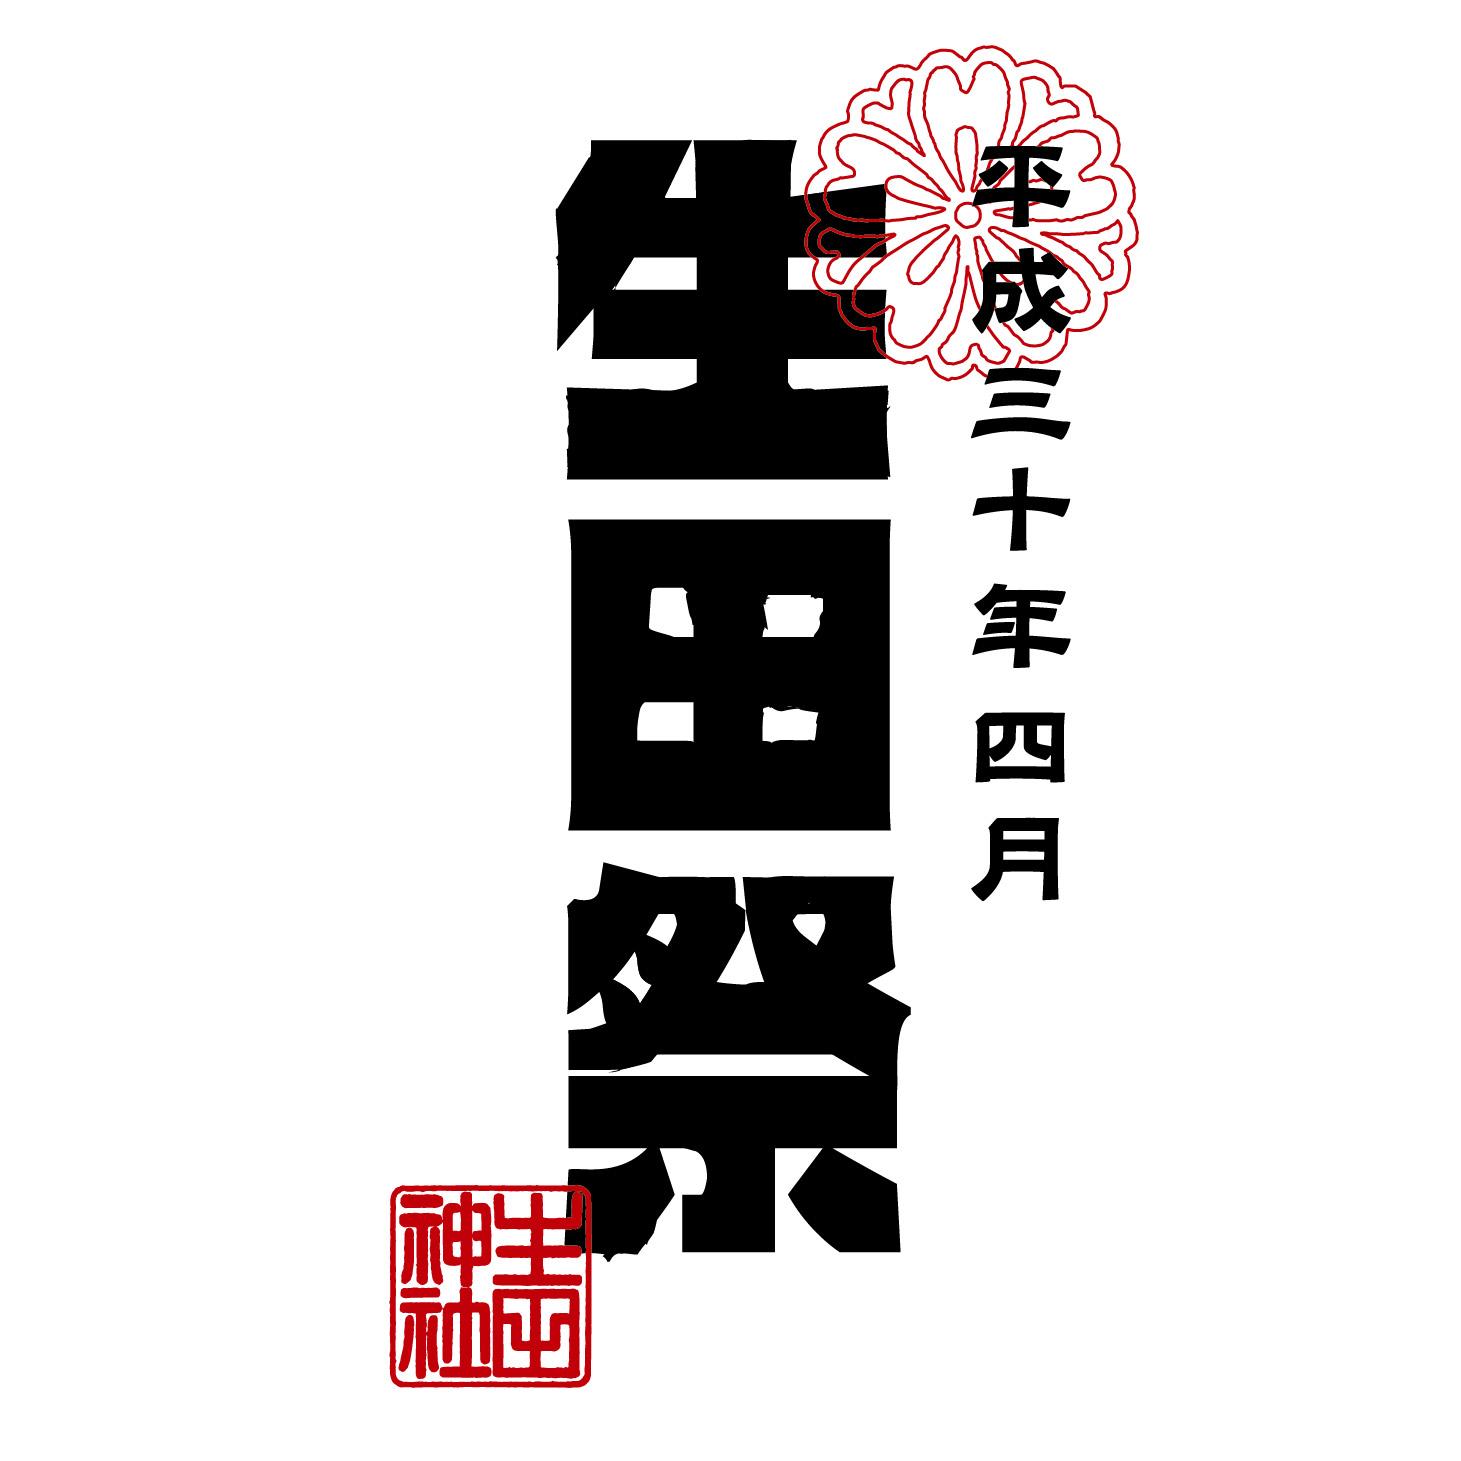 平成30年度 生田祭のロゴマークとポスターデザインを担当しました